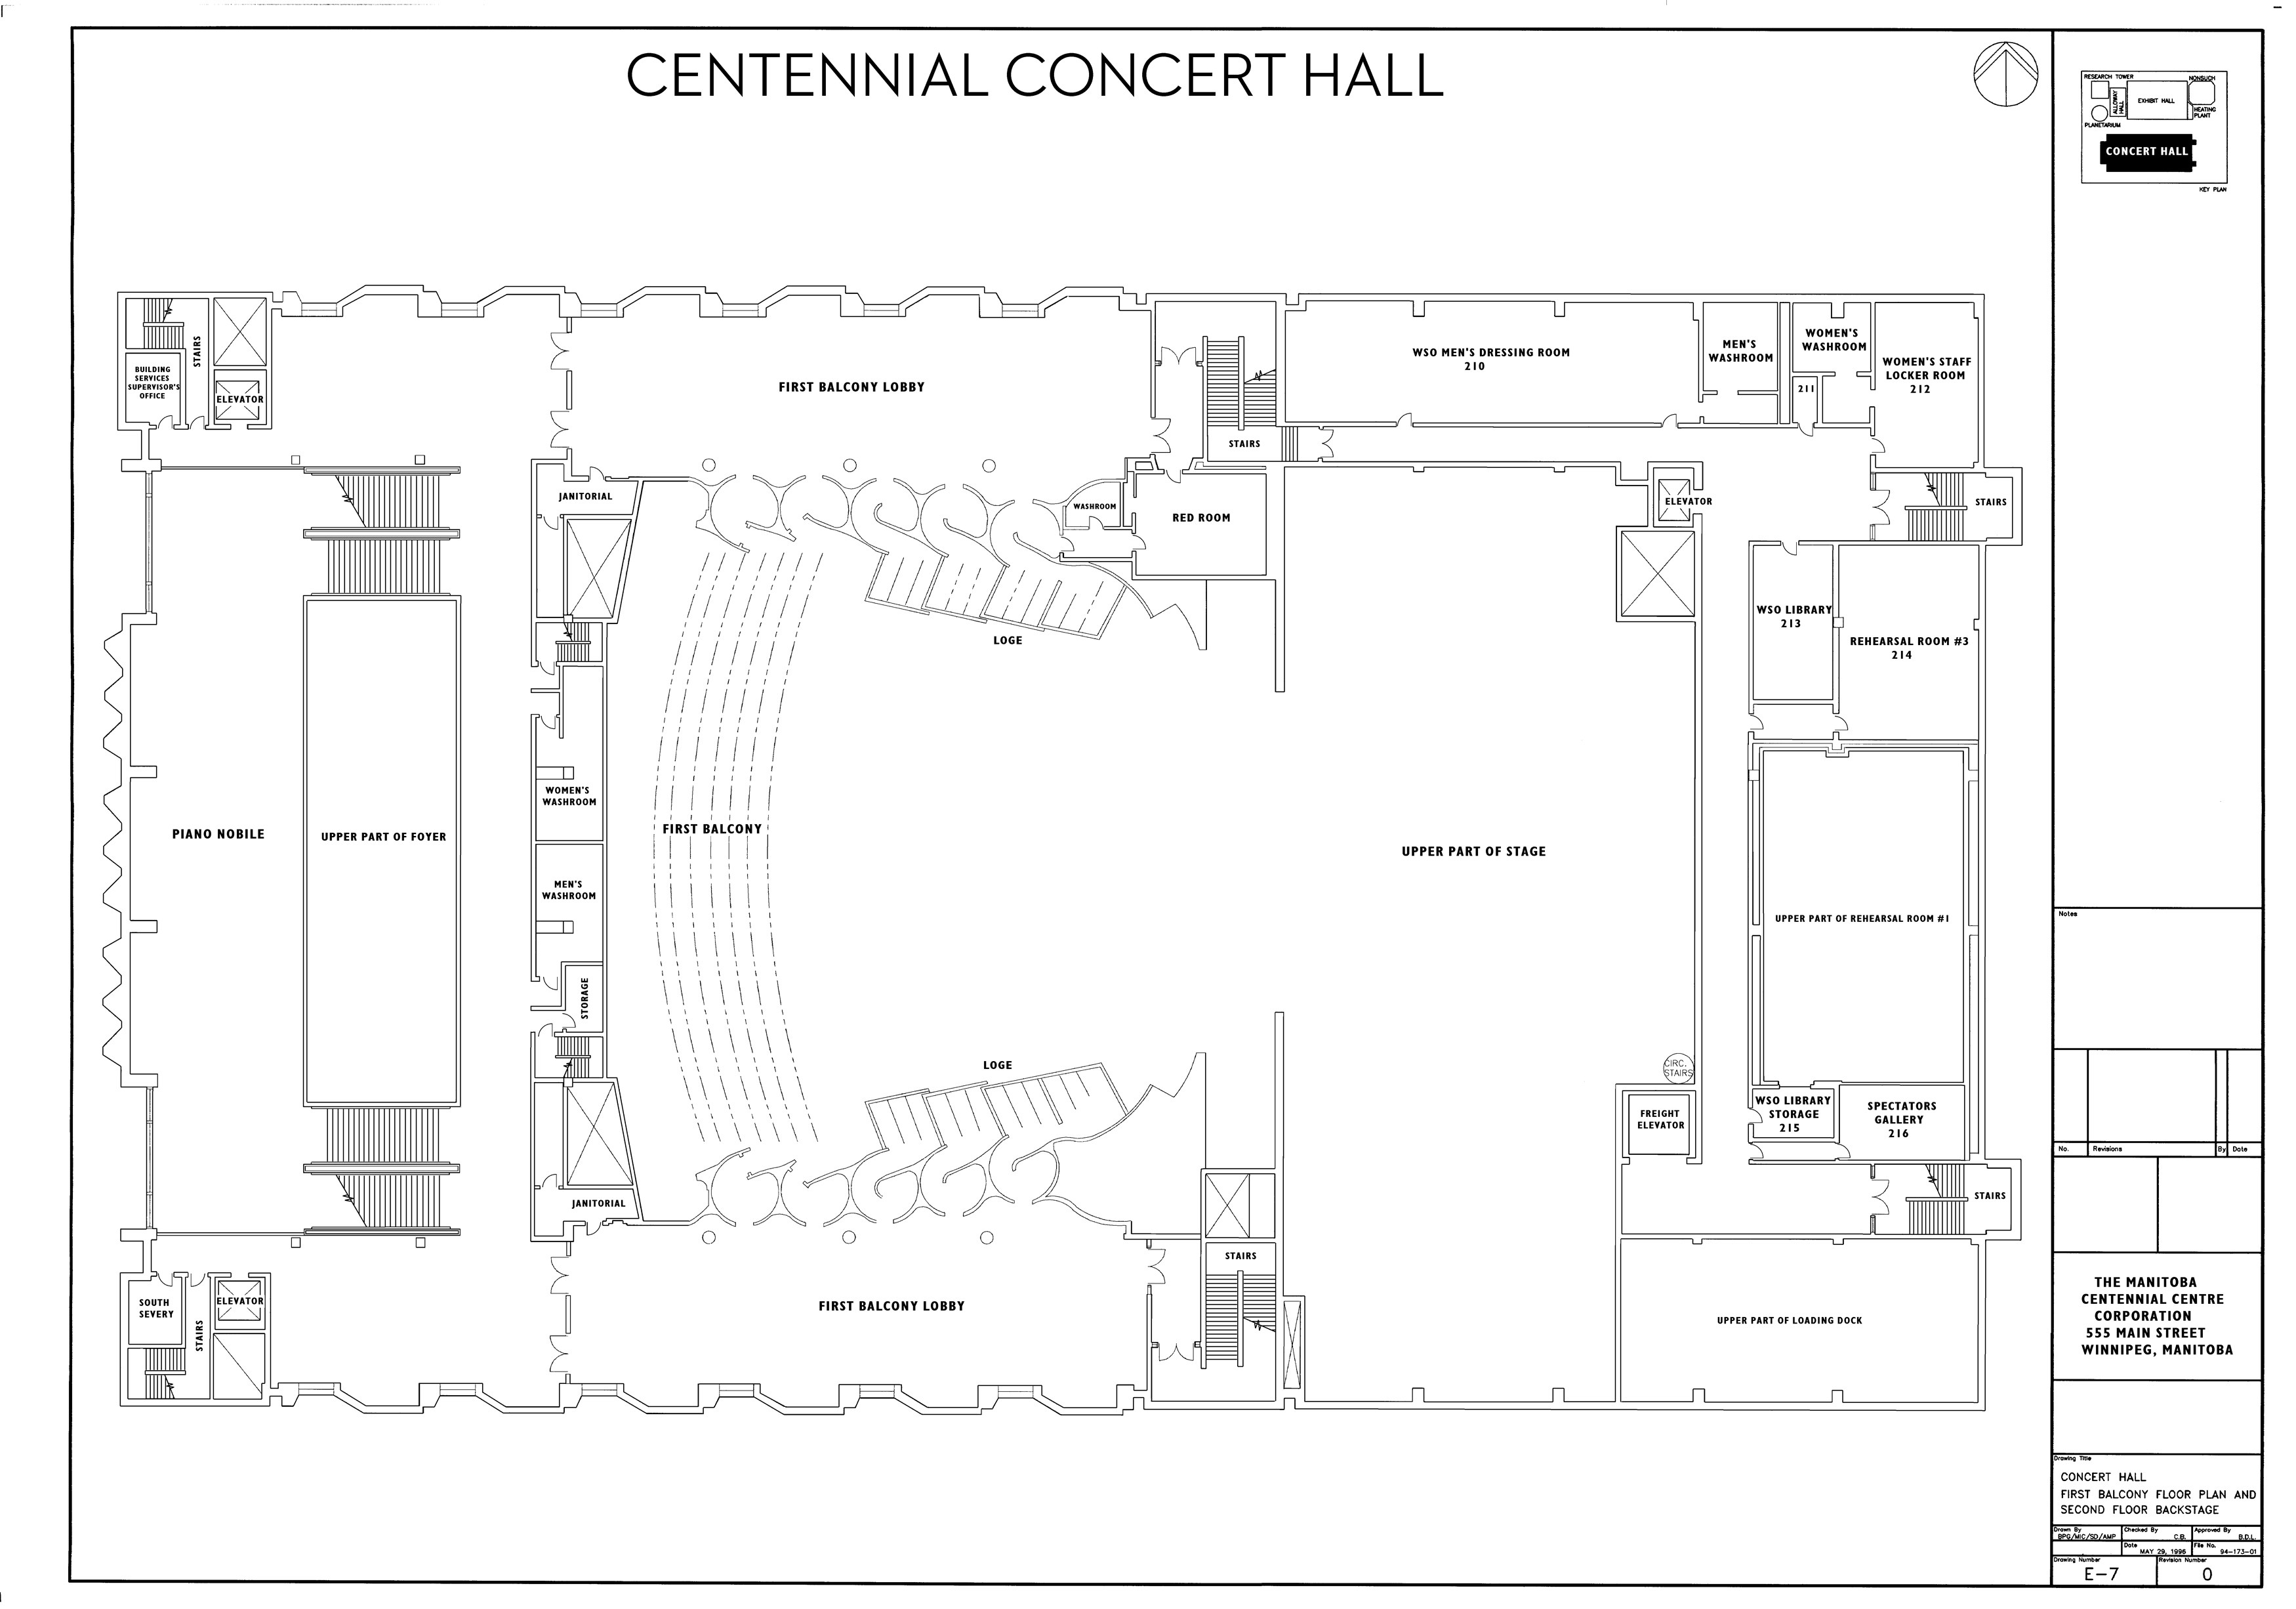 Technical Information - Centennial Concert Hall